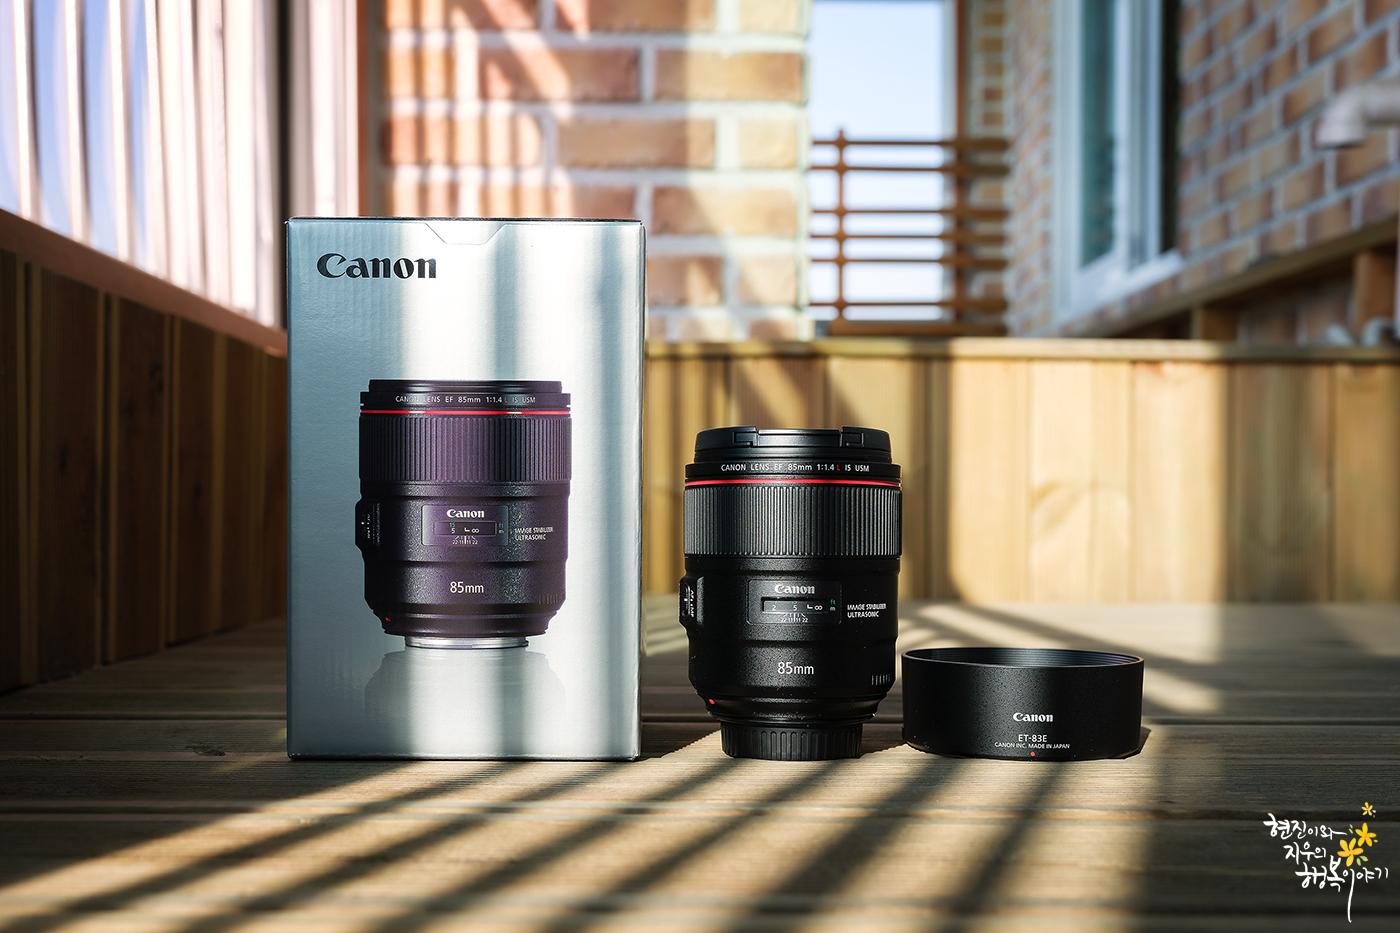 캐논 신렌즈 EF 85mm F1.4L IS USM 최우수 리뷰어 선정